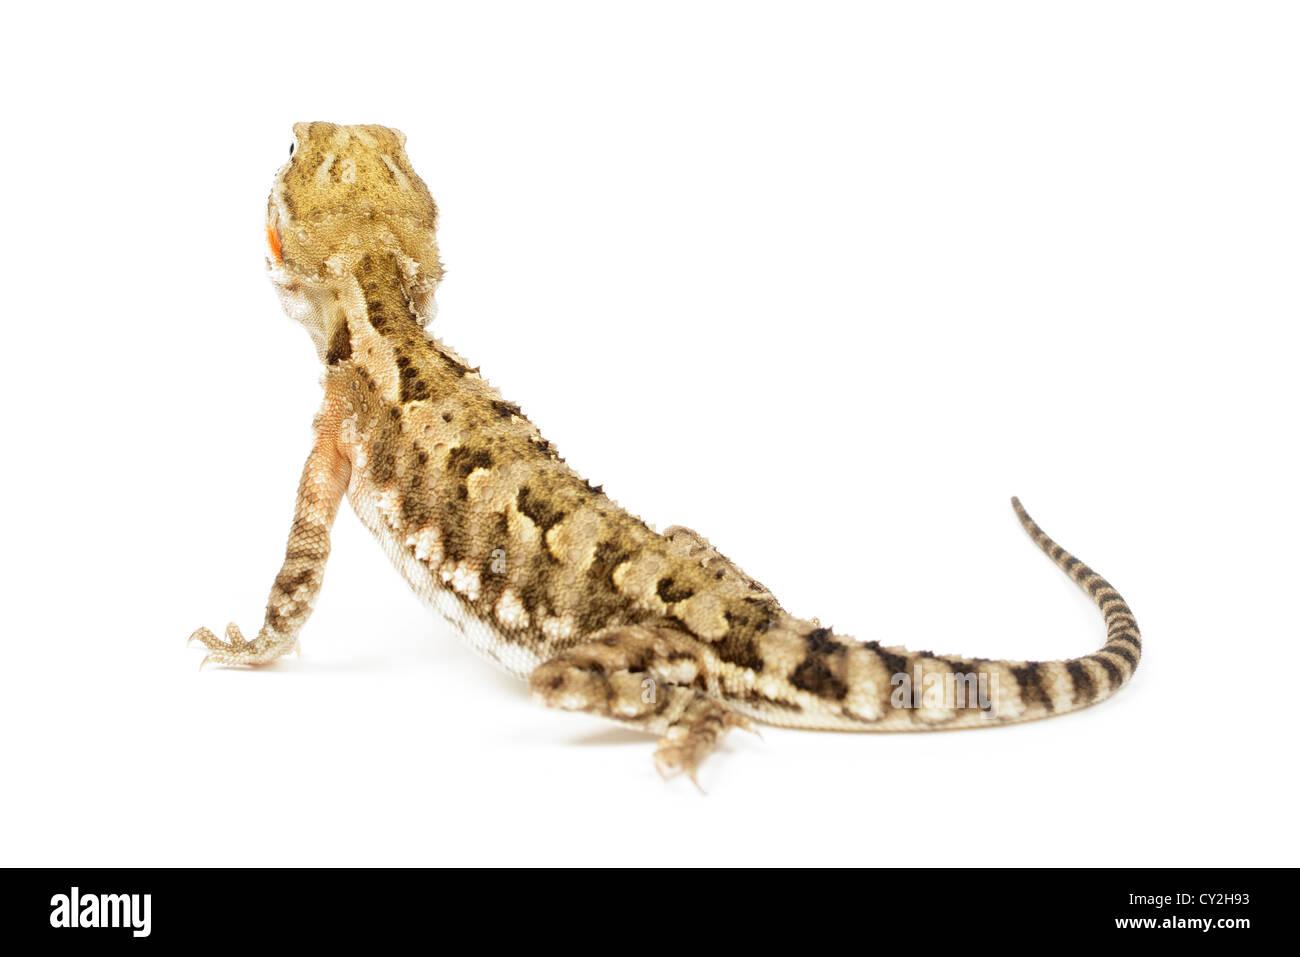 Rankin's Dragon on white background. - Stock Image